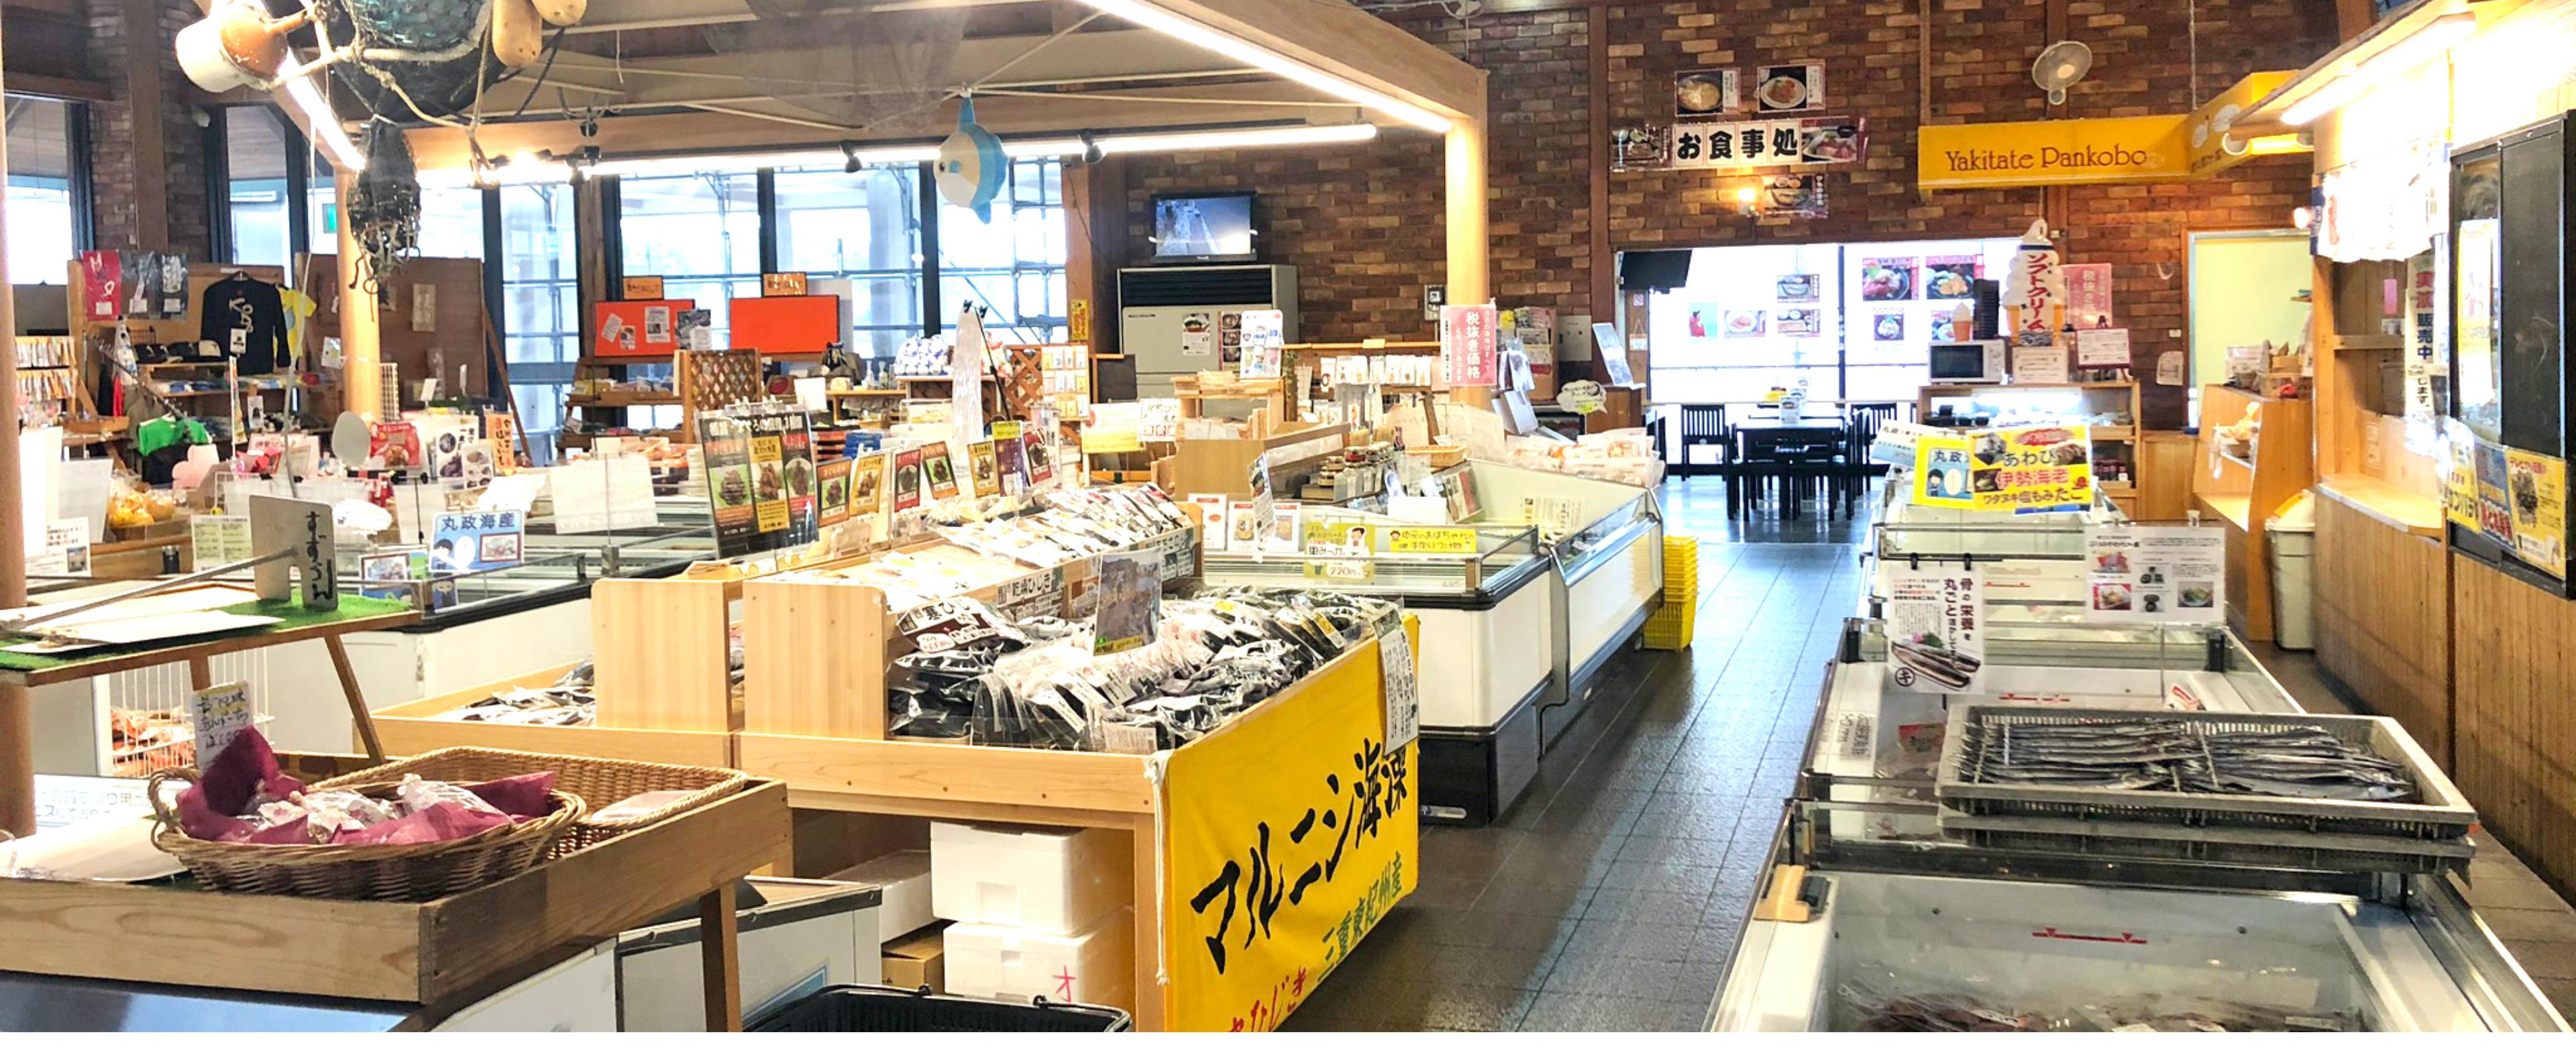 三重県紀北町の山の幸、海の幸や工芸品がたくさんあります。